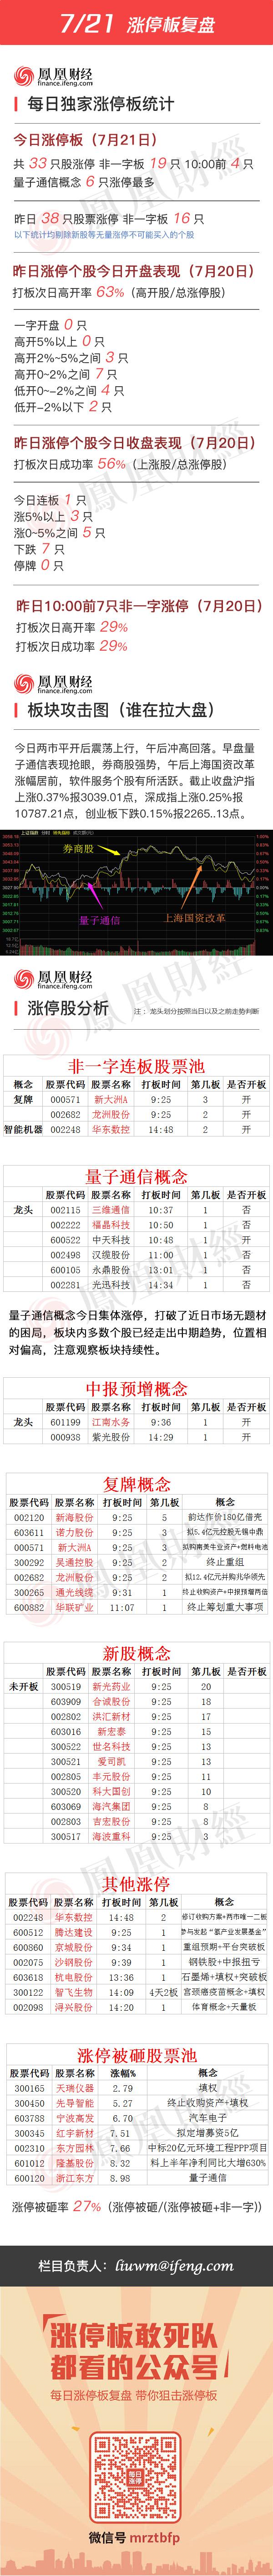 2016年7月21日涨停板复盘 - 小美 - xing1969wuw的博客